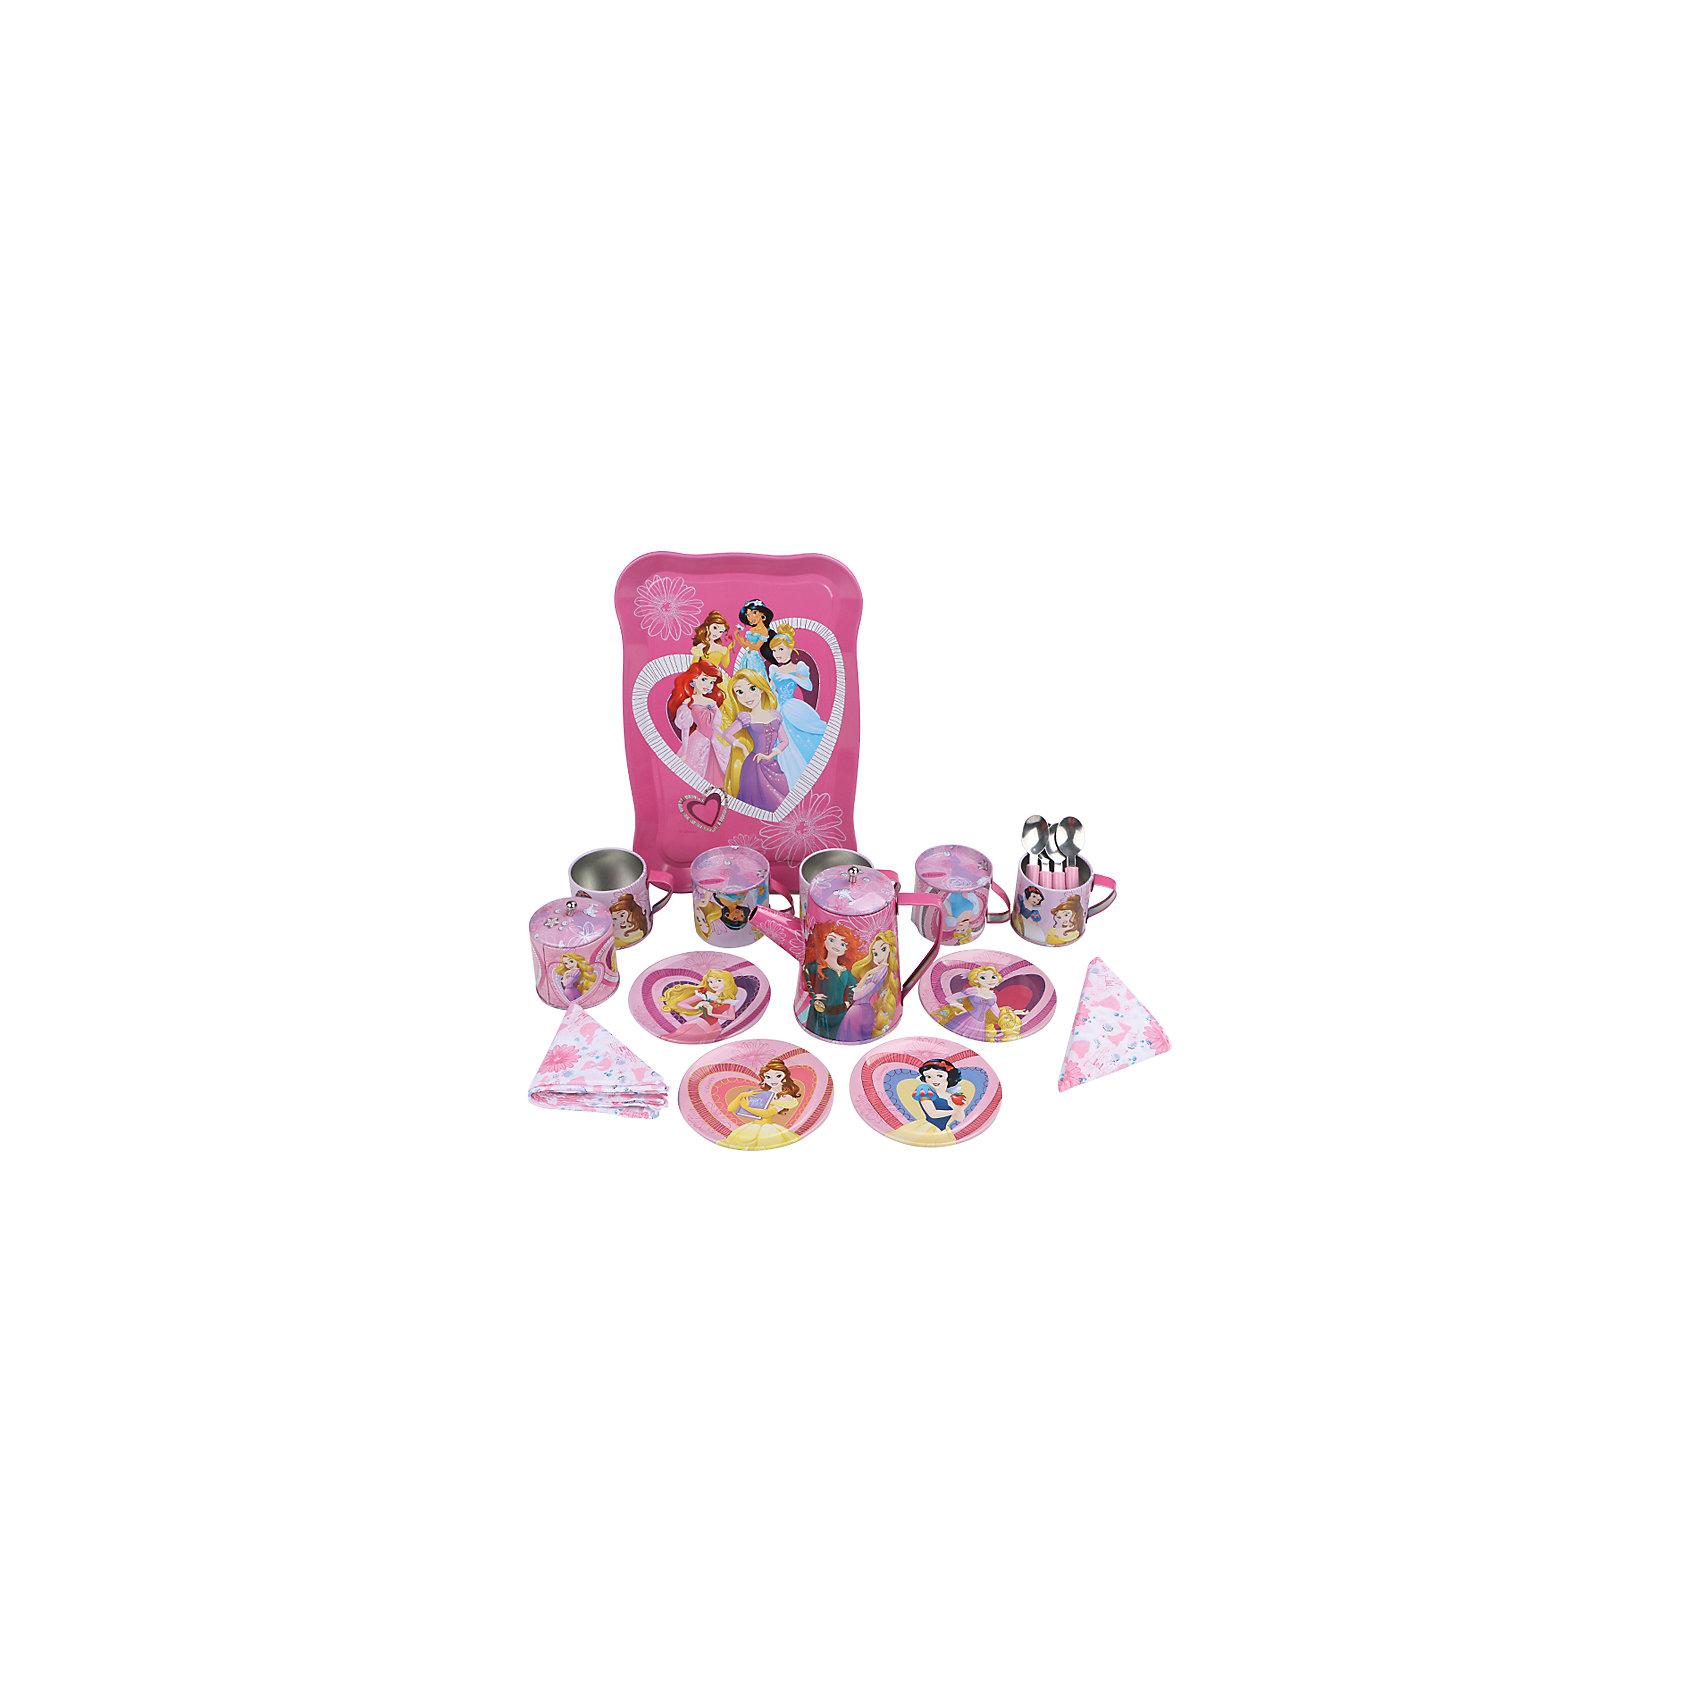 Набор кофейной посуды Утро принцессы (22 предм., металл.), Принцессы ДиснейПосуда и аксессуары для детской кухни<br>Главной особенностью набора является фирменное и красочное оформление, выполненное совместно с компанией Disney (Дисней). Каждый элемент тщательно проработан и детализирован – от упаковки до самого маленького блюдца.<br>Материал посуды – прочный, лёгкий металл, который не разобьётся во время игры.<br><br>Дополнительная информация:<br><br>Материал: металл<br>В набор кофейной посуды Утро принцессы входит 22 предмета: 4 салфетки, 4 блюдца, 4 ложки, 1 поднос, 4 кружки, 1 молочник, 1 сахарница с крышкой, 1 чайник с крышкой<br><br>Набор кофейной посуды Утро принцессы (22 предм., металл.), Принцессы Дисней можно купить в нашем магазине.<br><br>Ширина мм: 410<br>Глубина мм: 310<br>Высота мм: 90<br>Вес г: 770<br>Возраст от месяцев: 36<br>Возраст до месяцев: 72<br>Пол: Женский<br>Возраст: Детский<br>SKU: 4590223